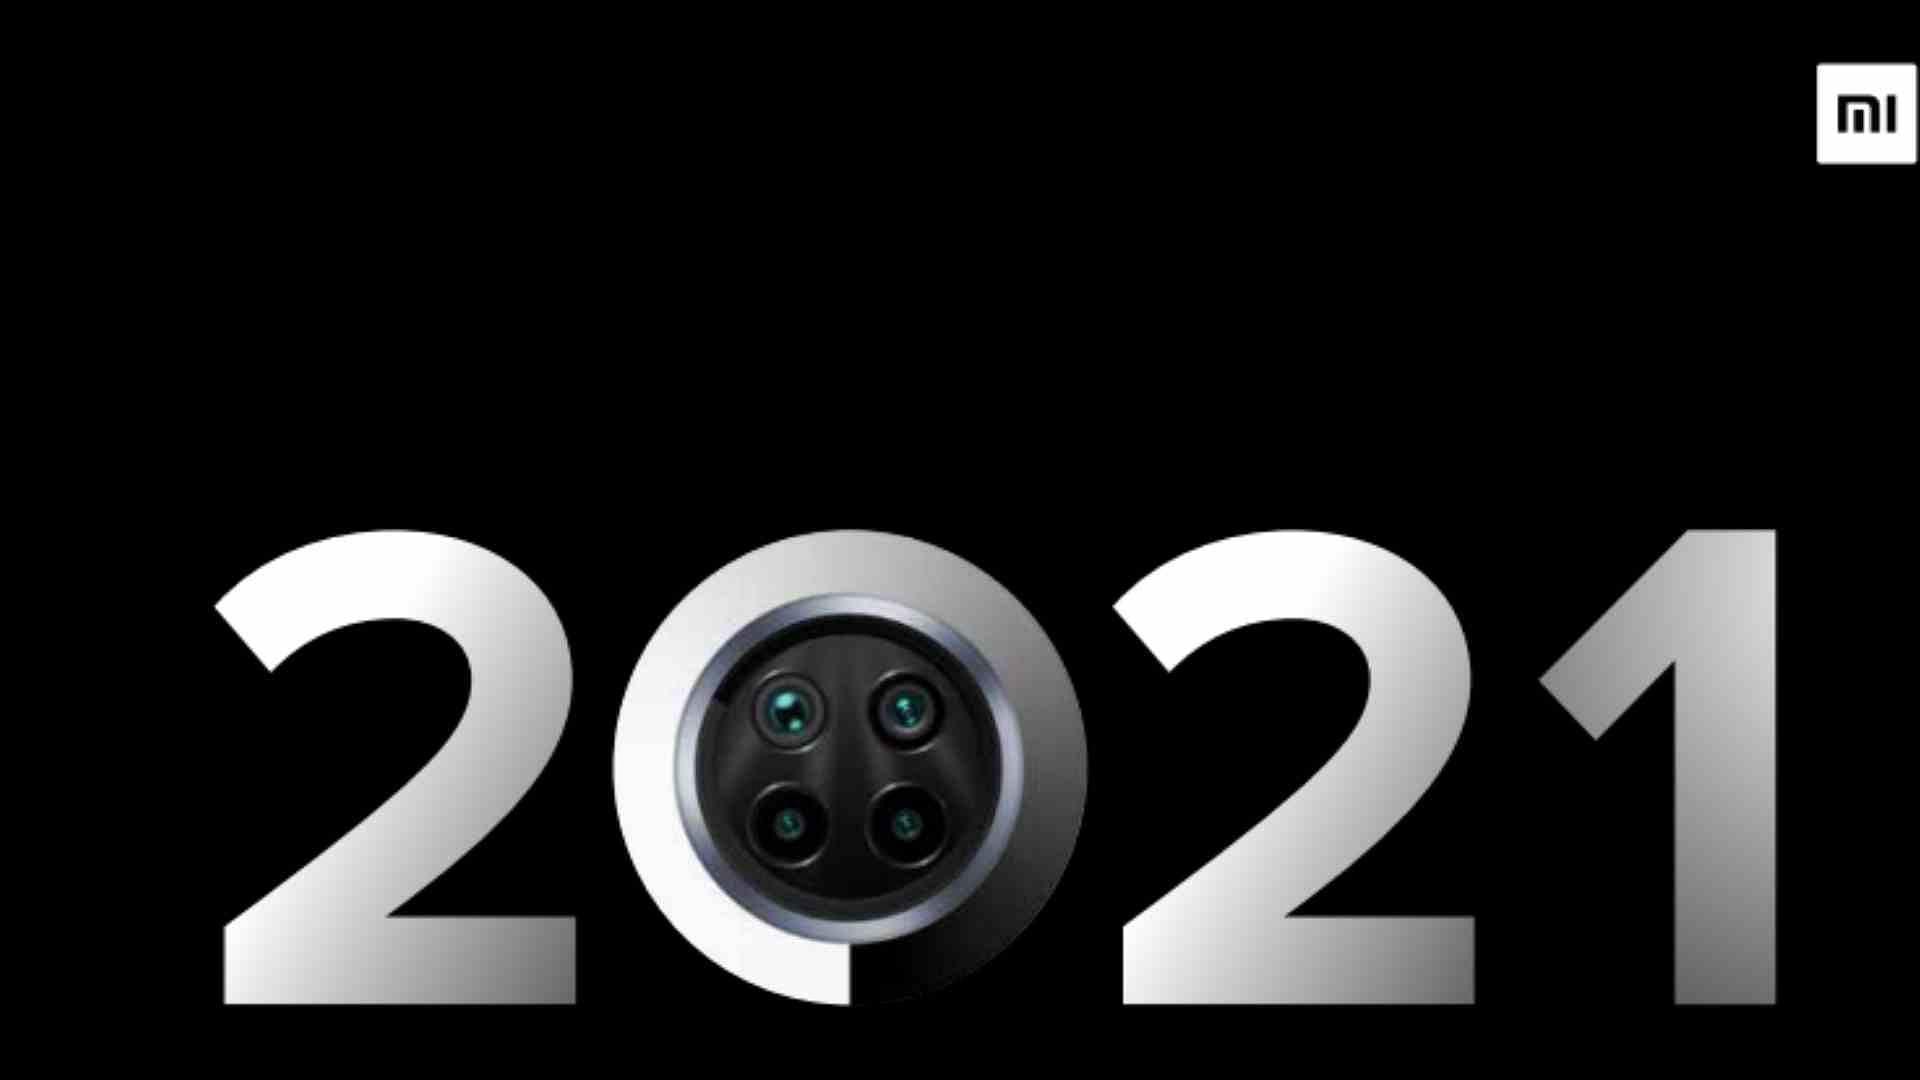 2021?blur=25